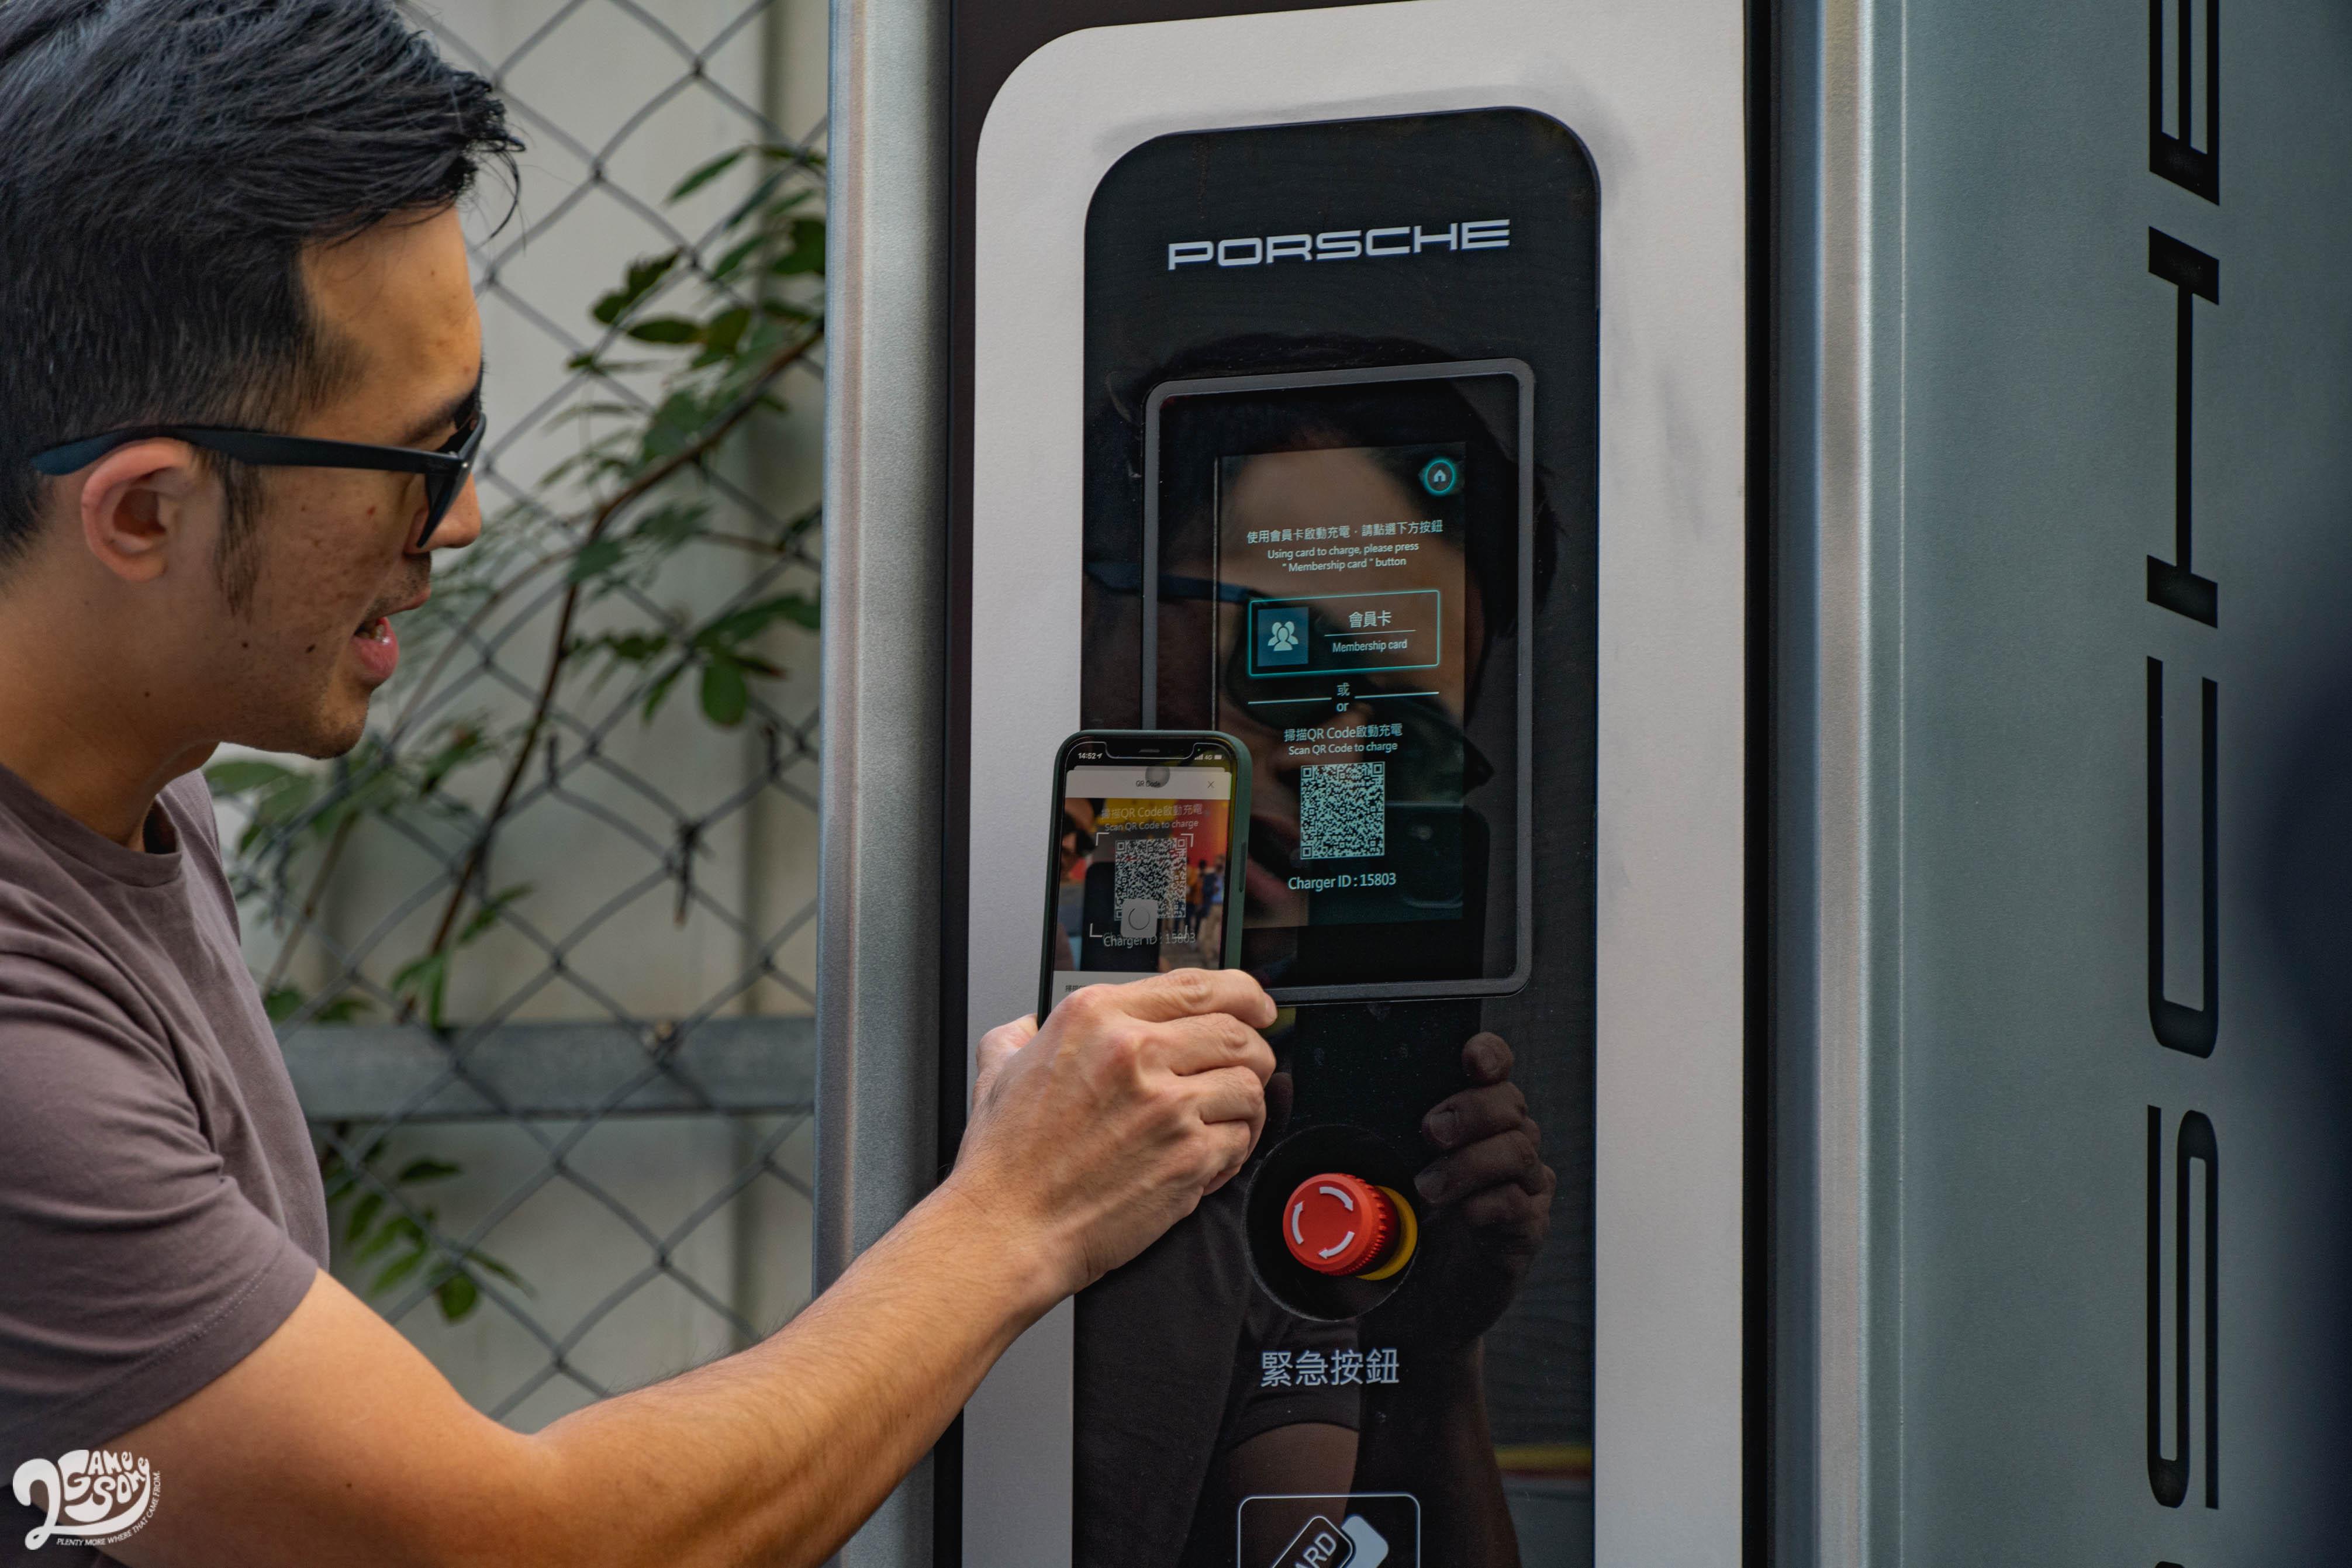 再使用「台灣充電服務尊榮卡」或手機 App 掃描 QR Code 即可使用